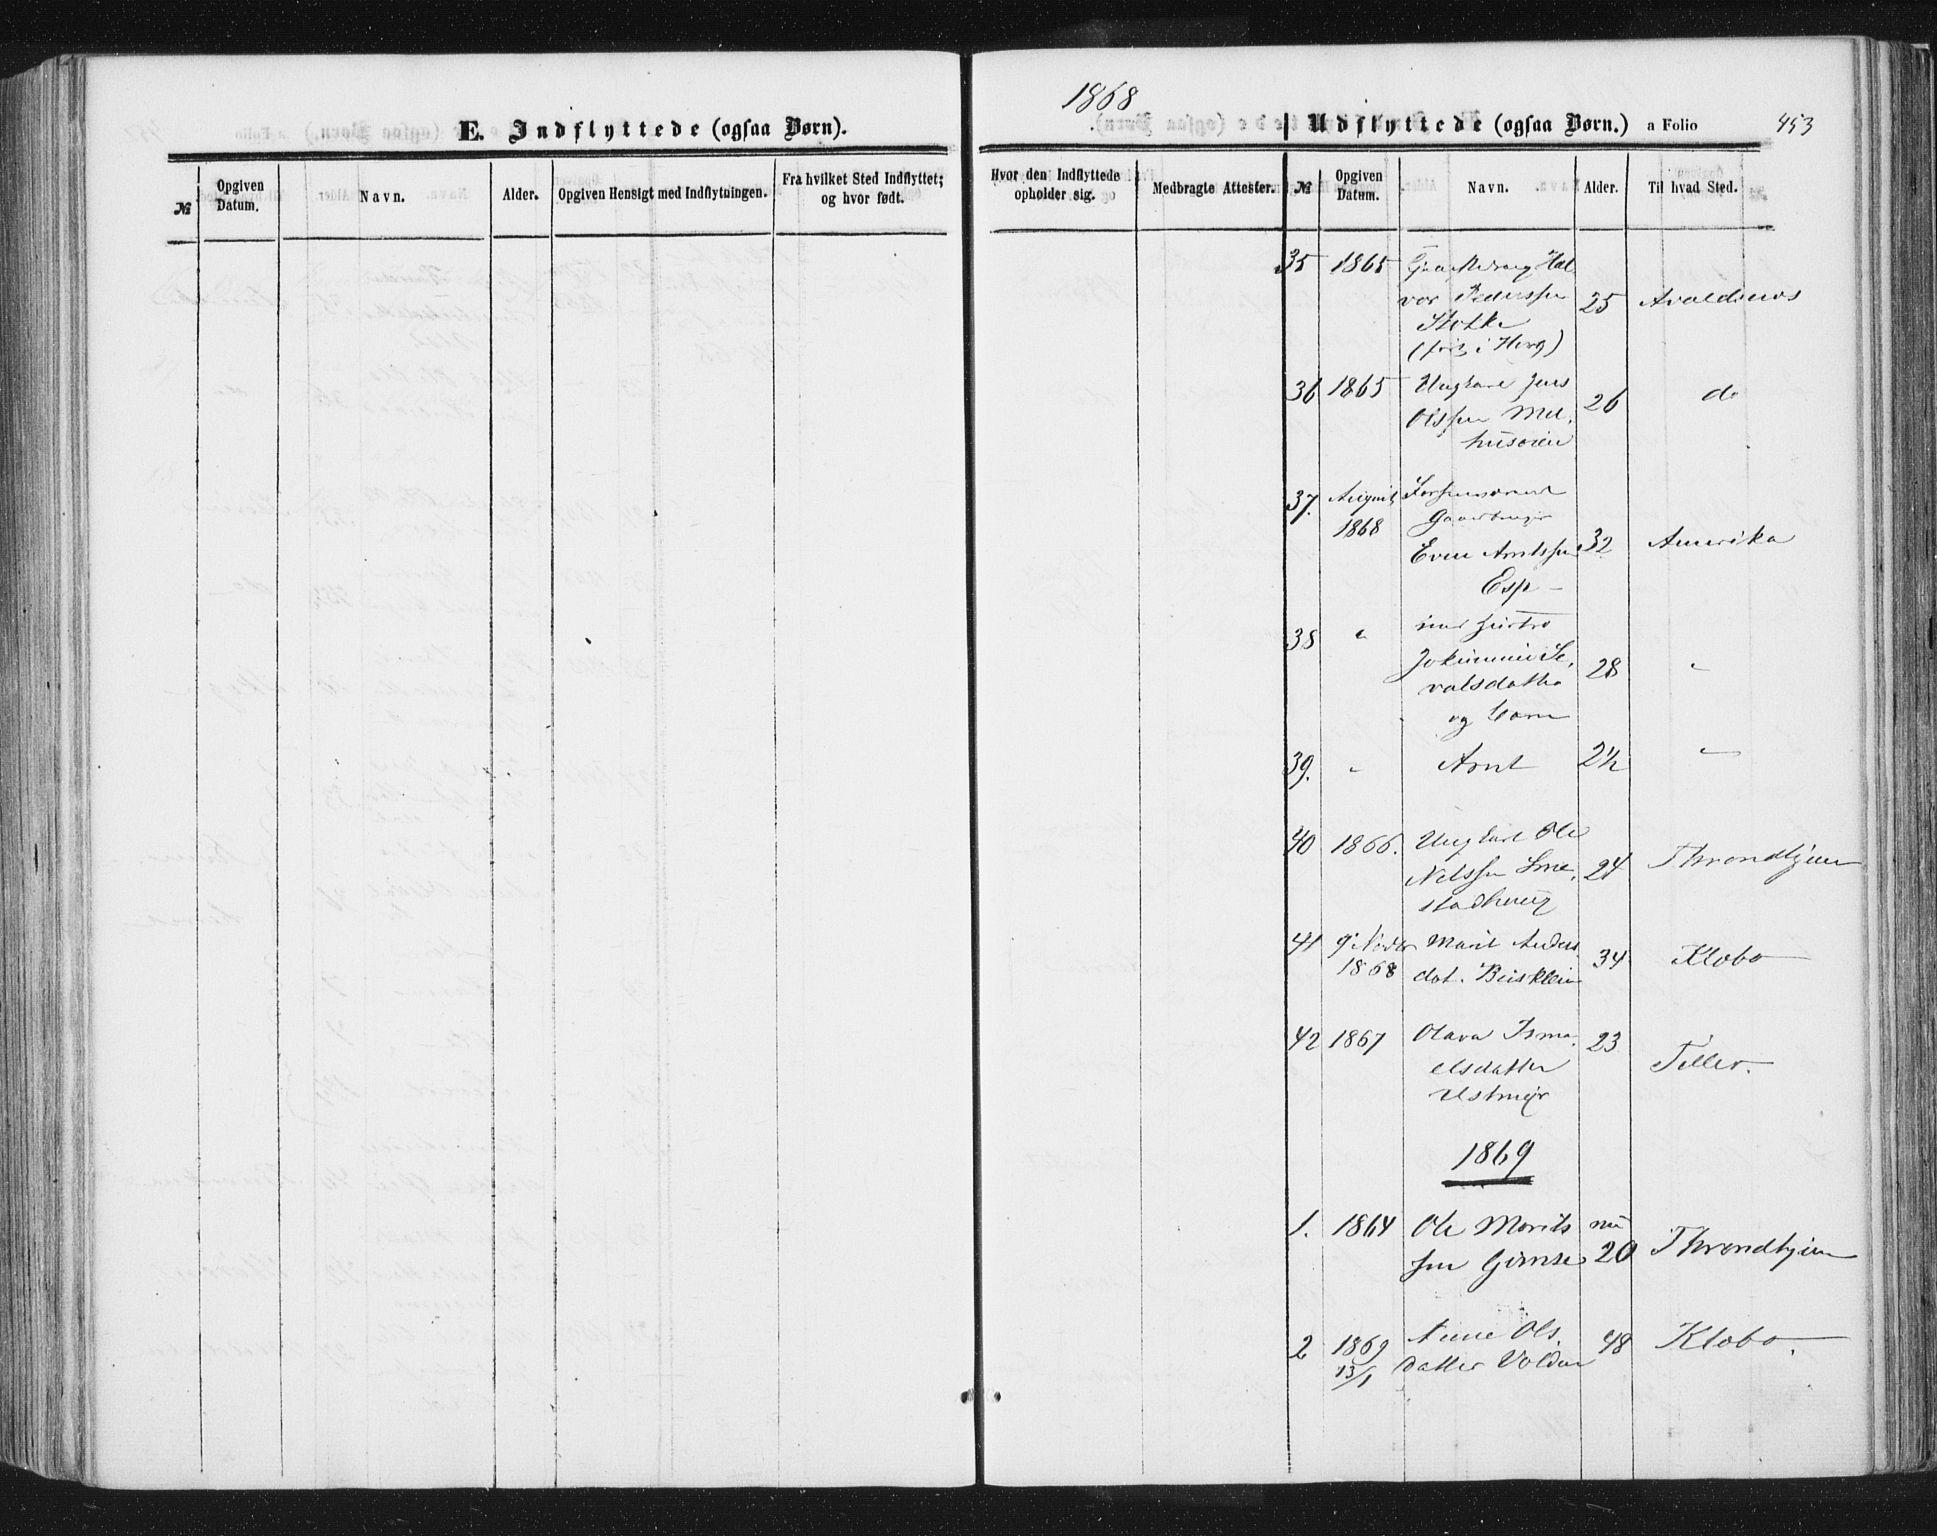 SAT, Ministerialprotokoller, klokkerbøker og fødselsregistre - Sør-Trøndelag, 691/L1077: Ministerialbok nr. 691A09, 1862-1873, s. 453